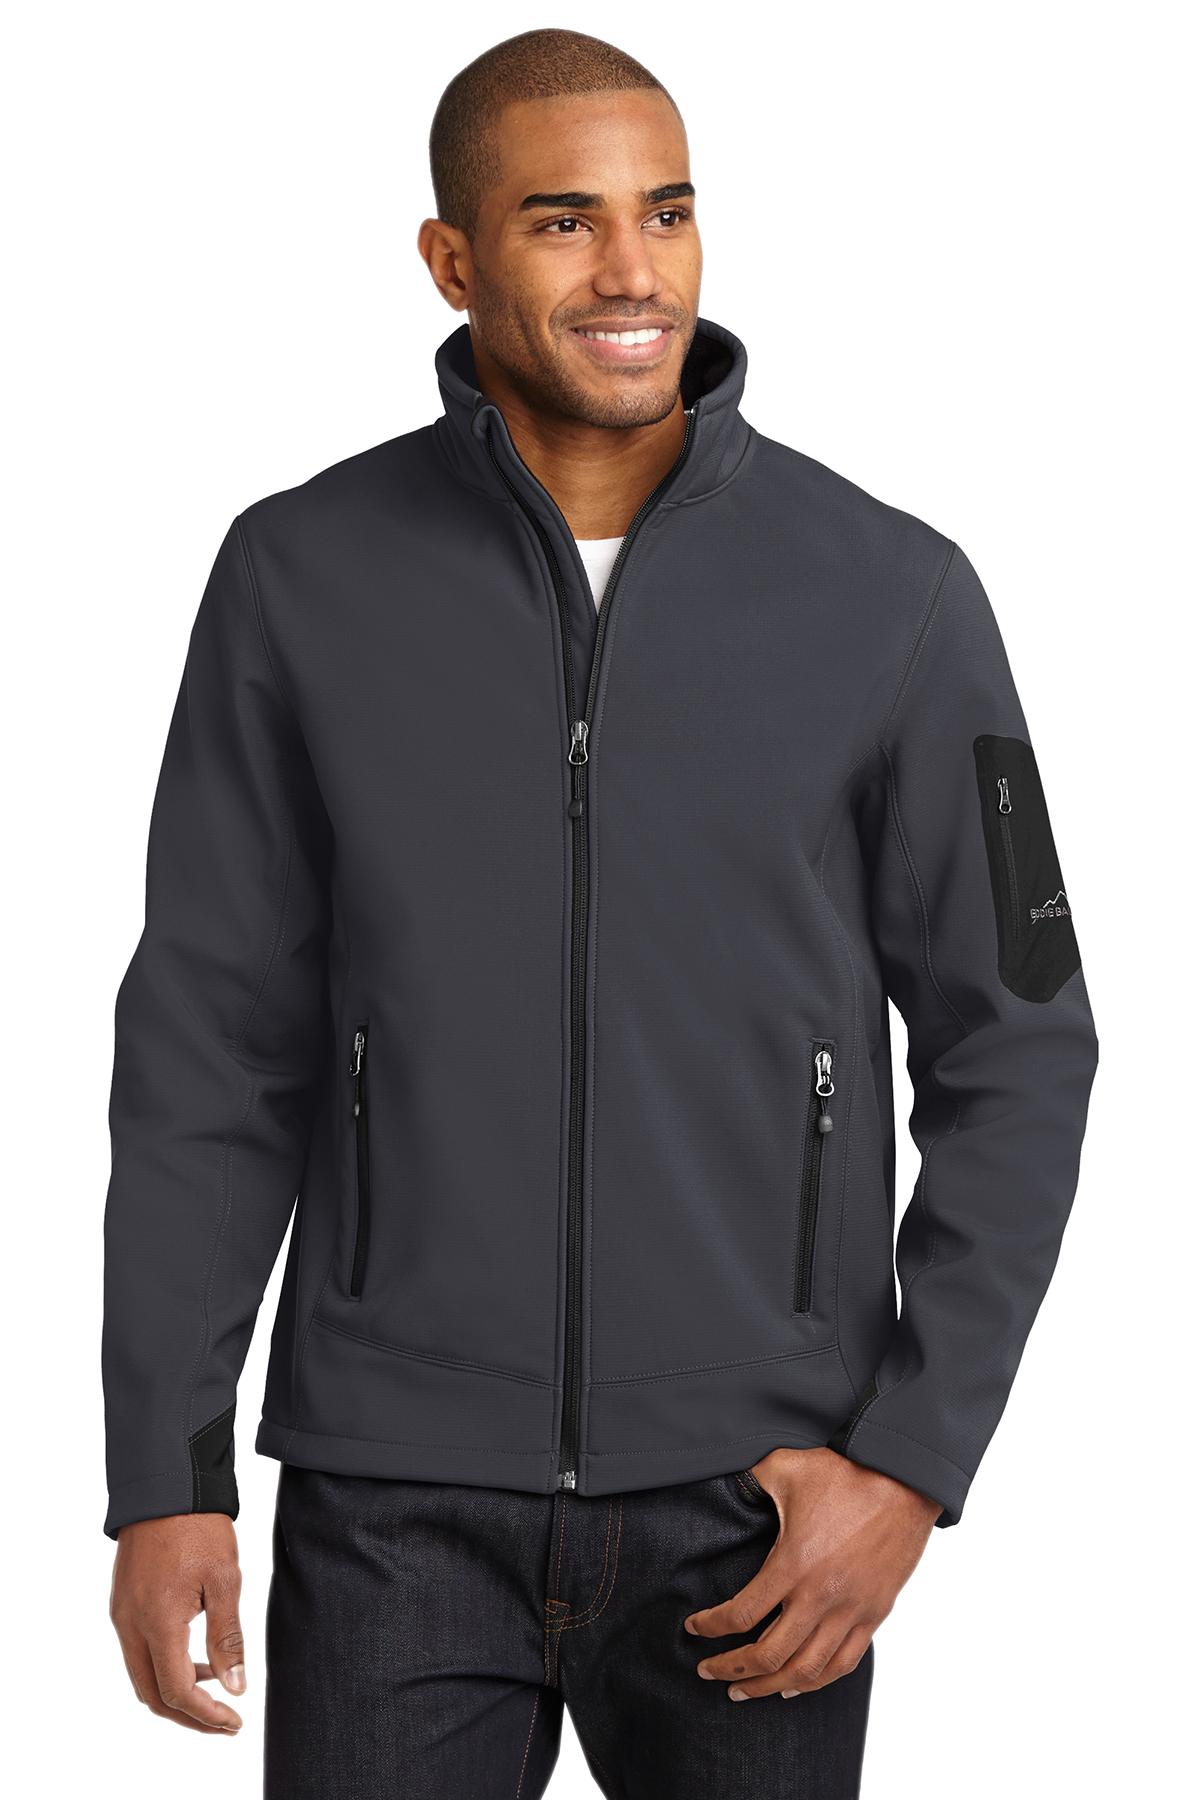 Eddie Bauer Men's Black Softshell Jacket